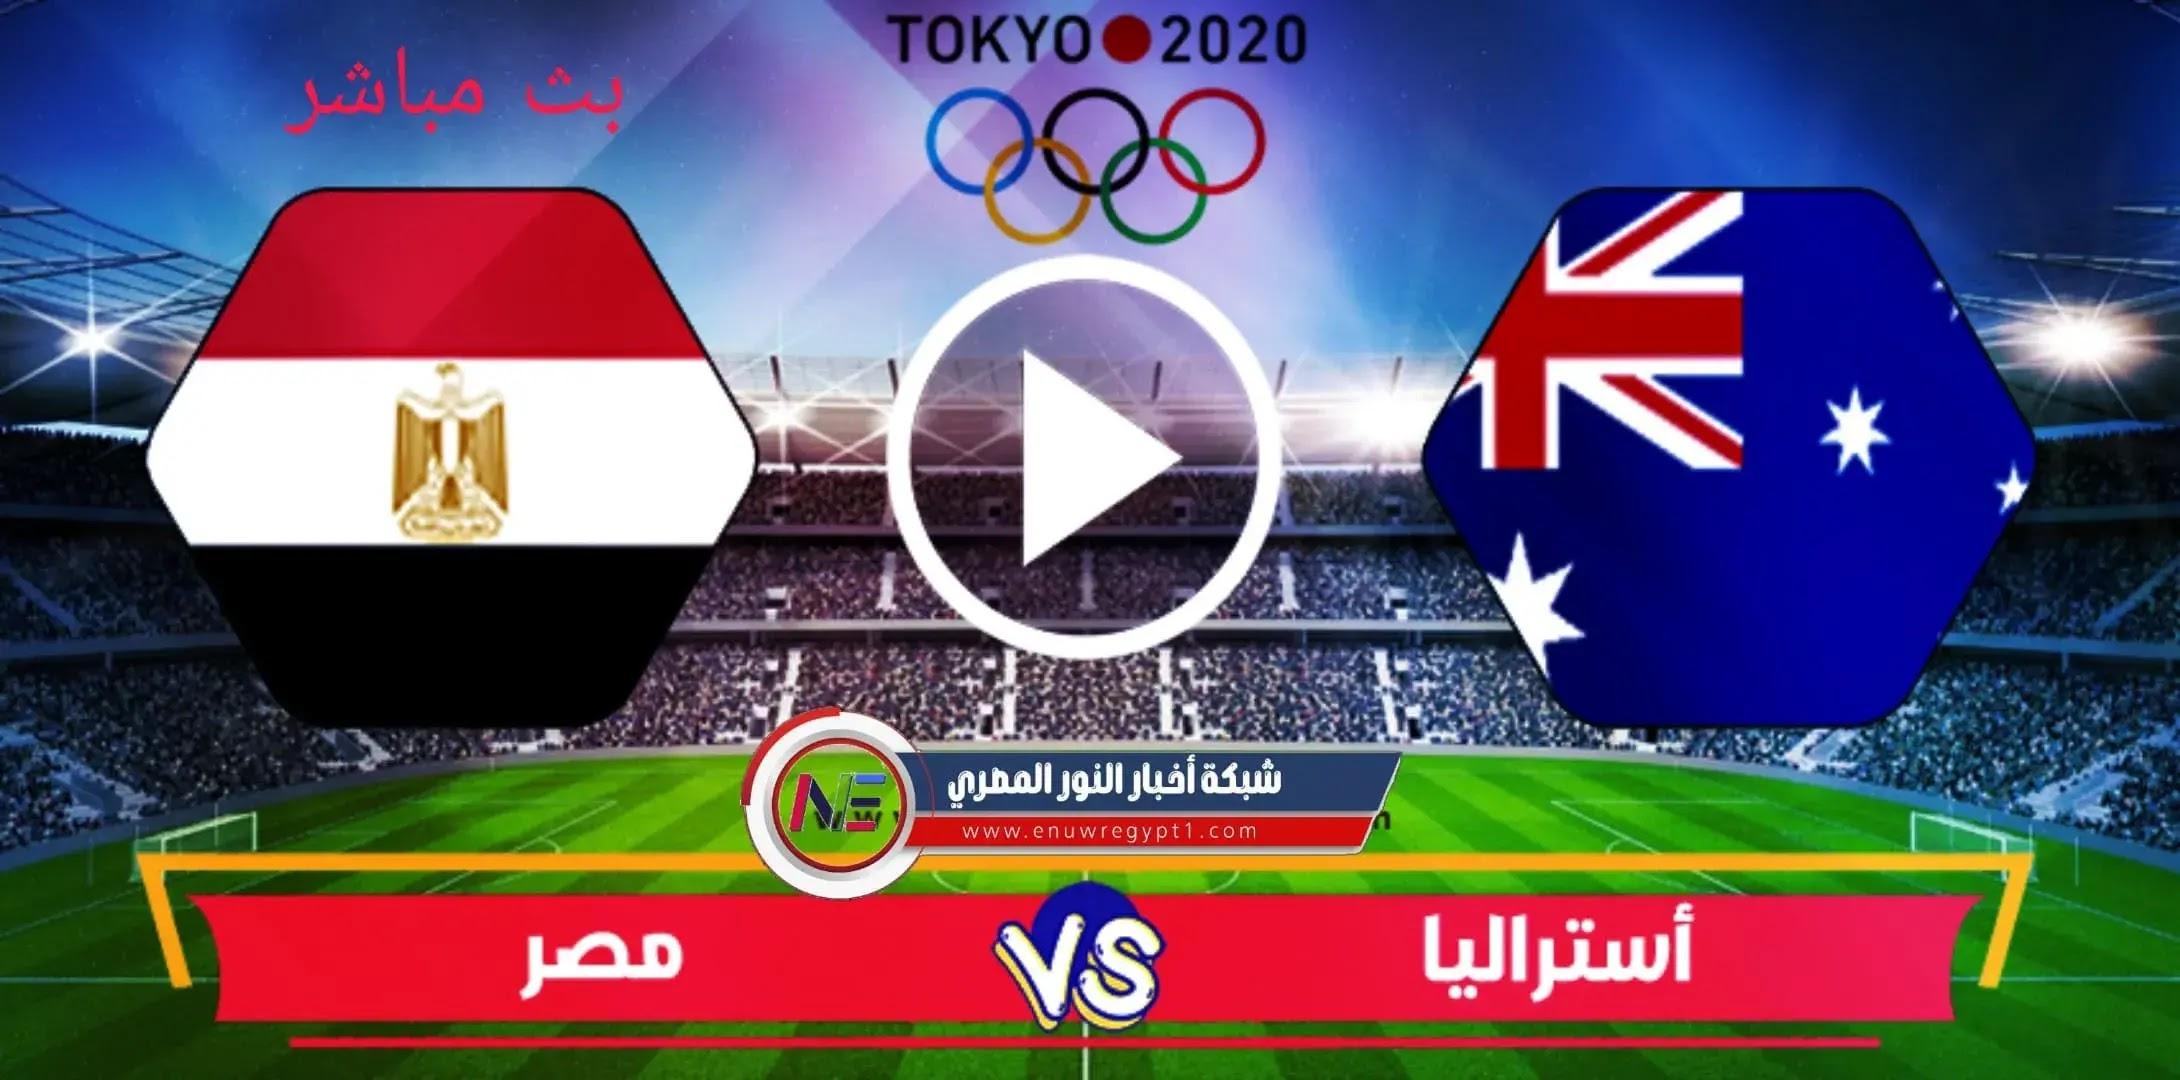 يلا شوت مباراة مصر يوتيوب .. بث مباشر مشاهدة مباراة مصر و استراليا اليوم 28-07-2021 في بطولة اولمبياد طوكيو 2020 كورة لايف الان بجودة عالية بدون تقطيع